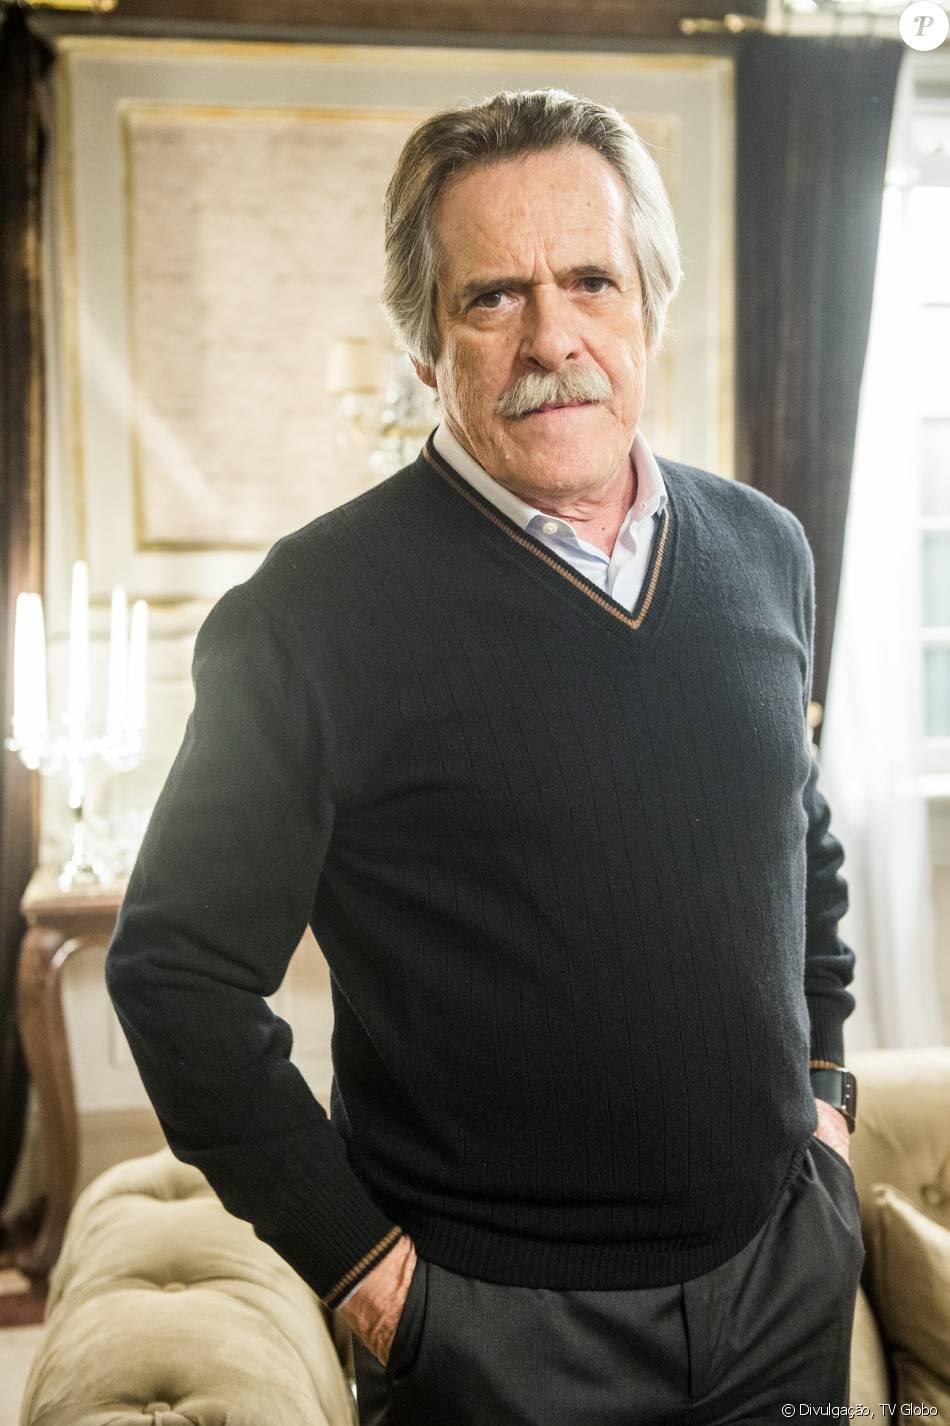 Gibson (José de Abreu) vai morrer no final da novela 'A Regra do Jogo', mas as cenas do desfecho do vilão estão sendo mantidas em segredo até o último capítulo, em 11 de março de 2016